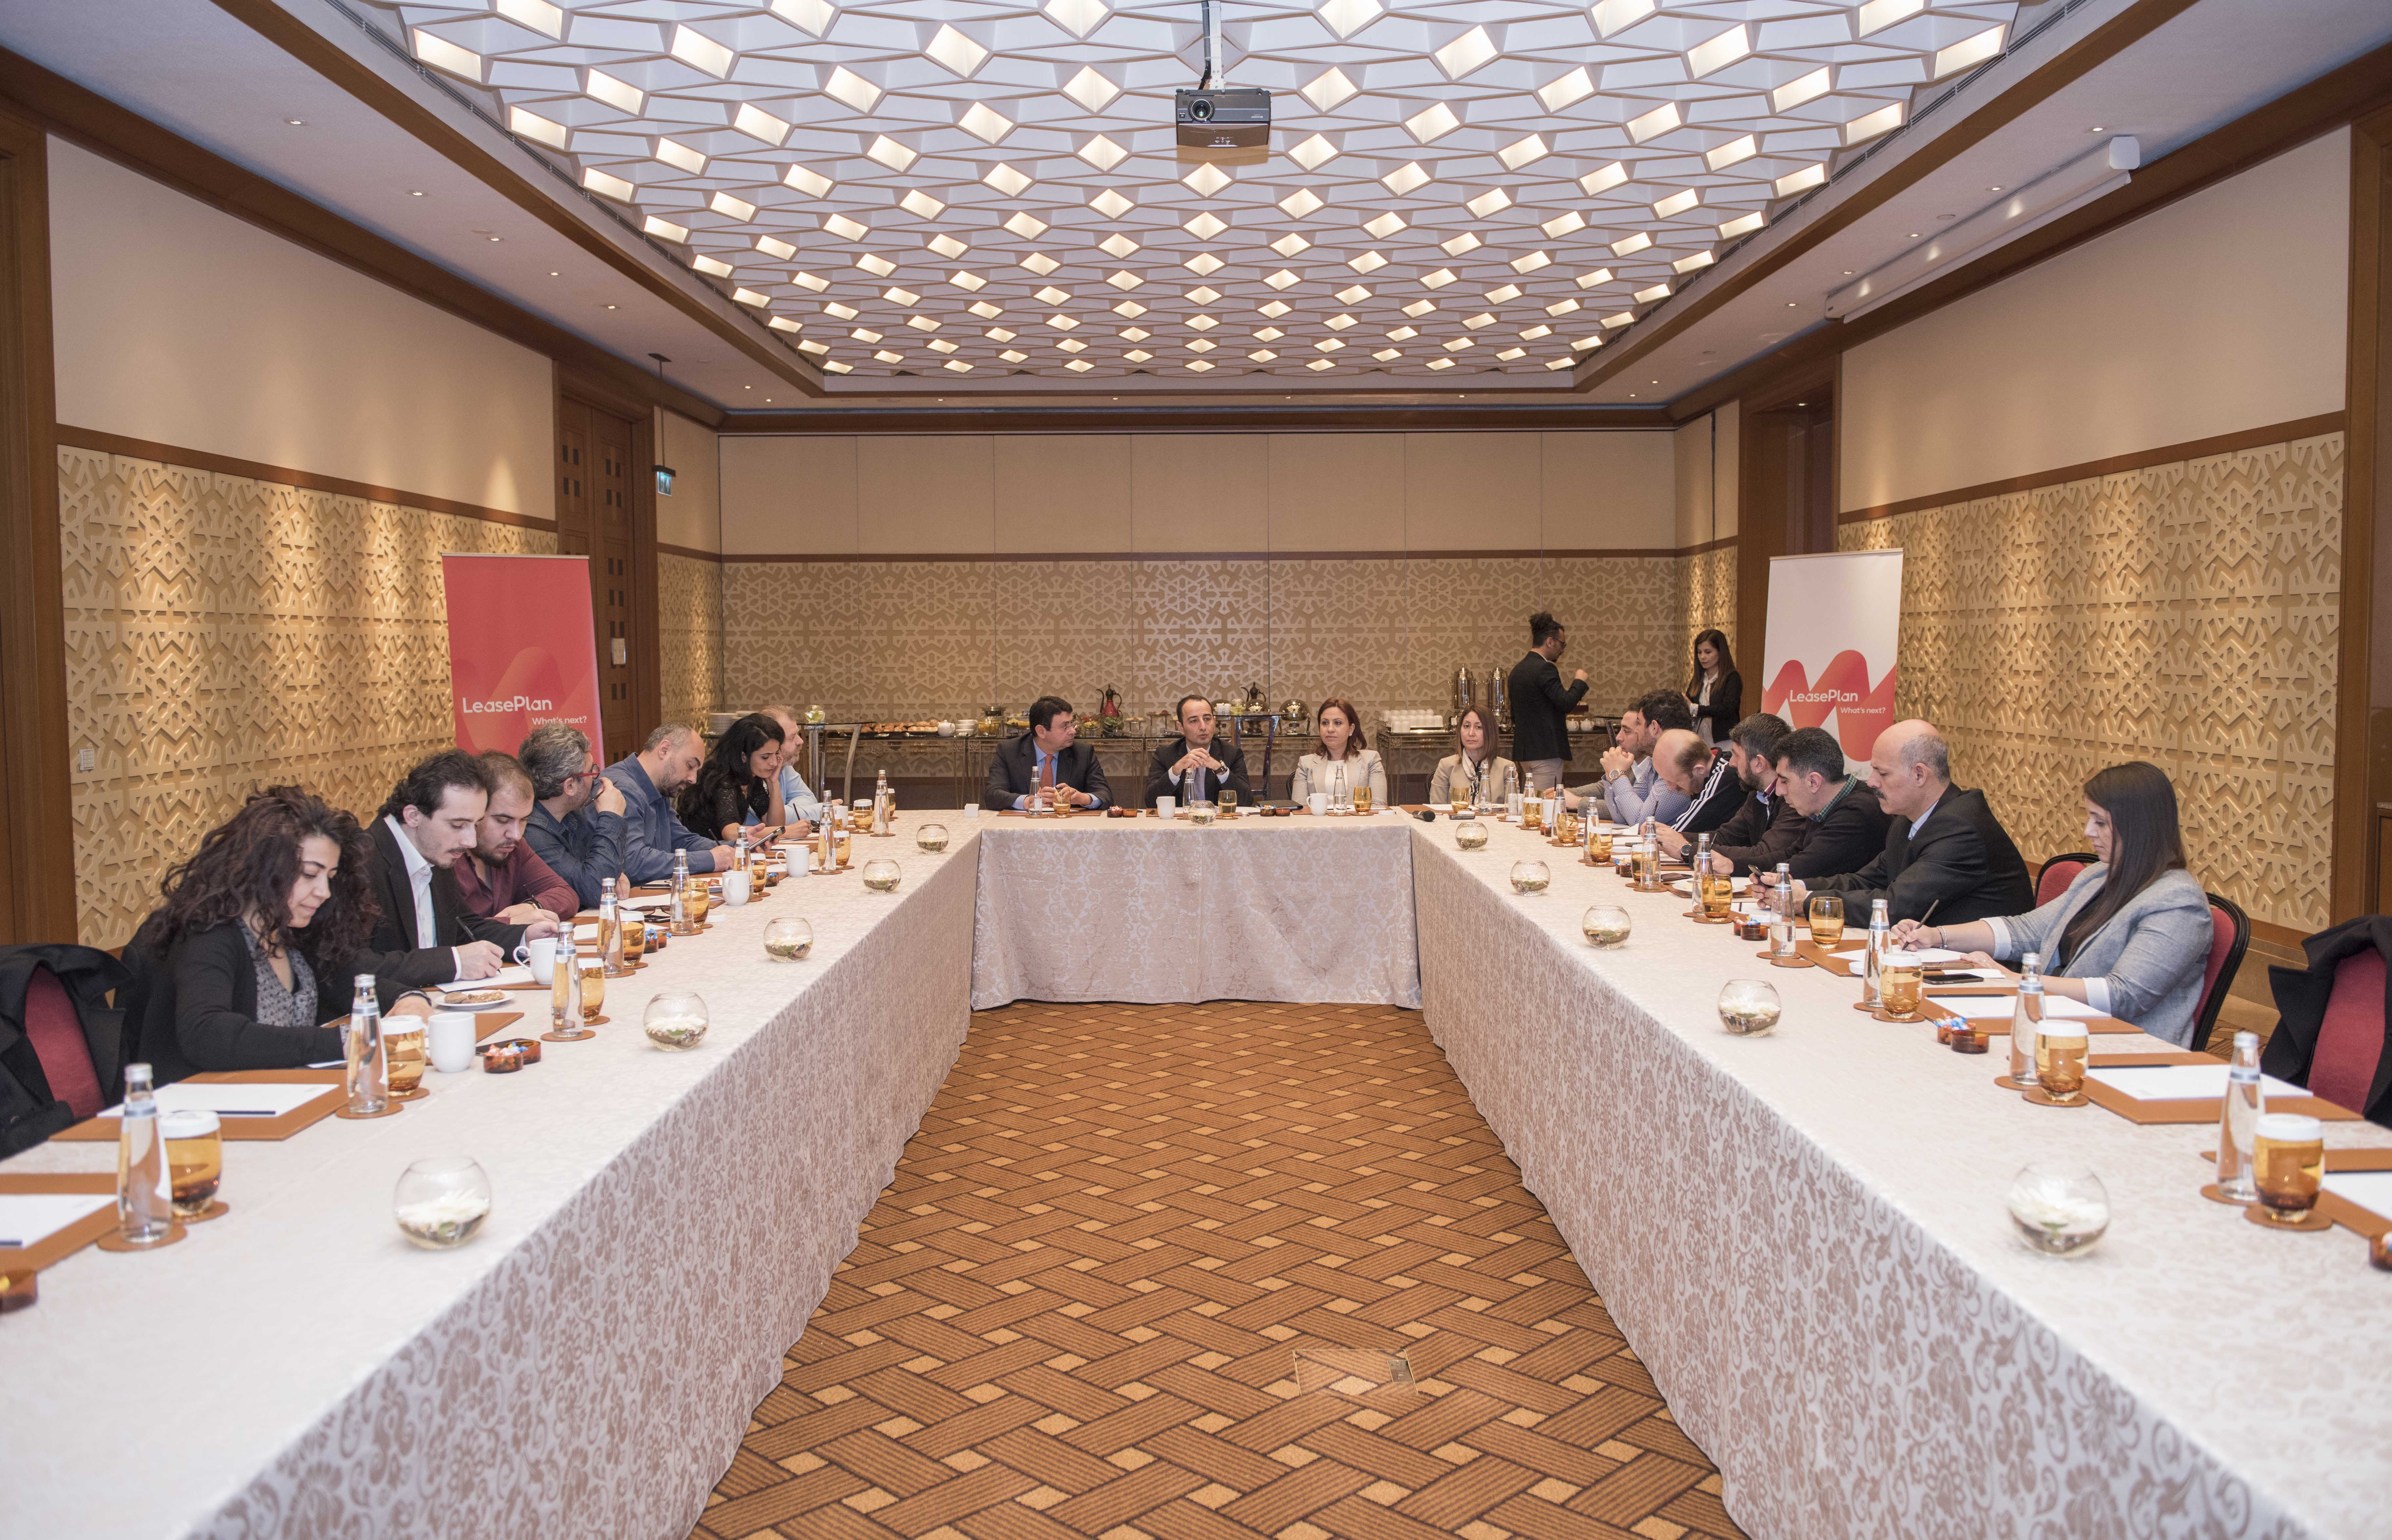 LeasePlan Türkiye Basın Toplantısı